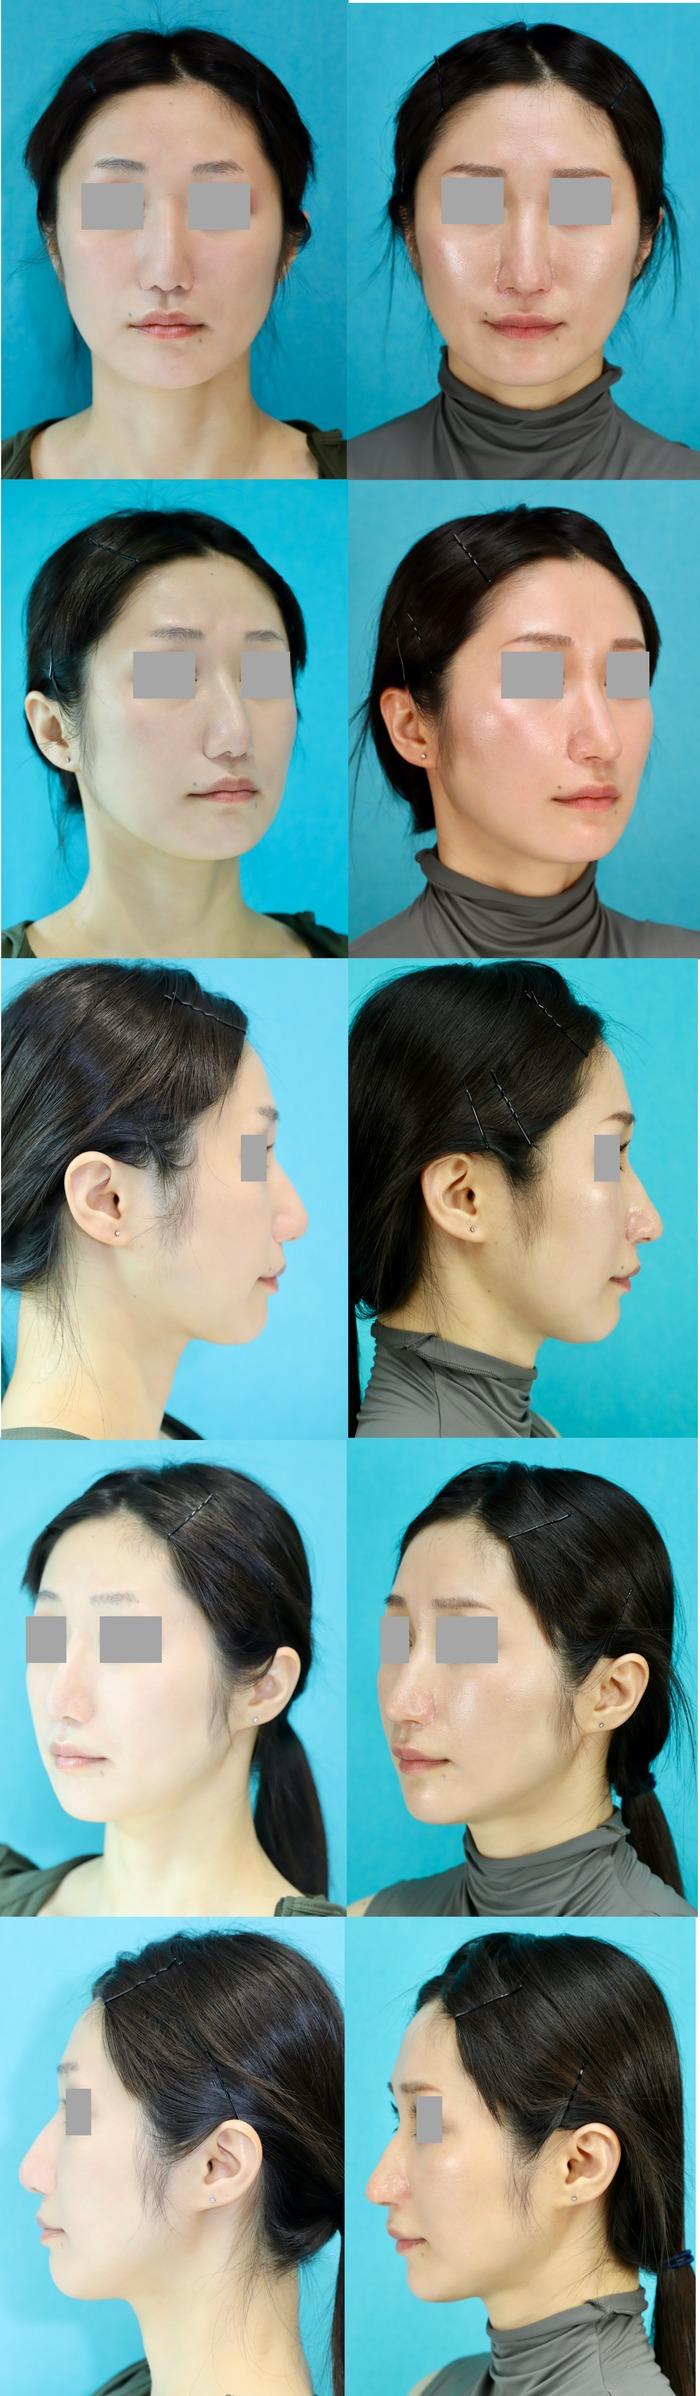 鼻中隔延長術 術後10ヶ月